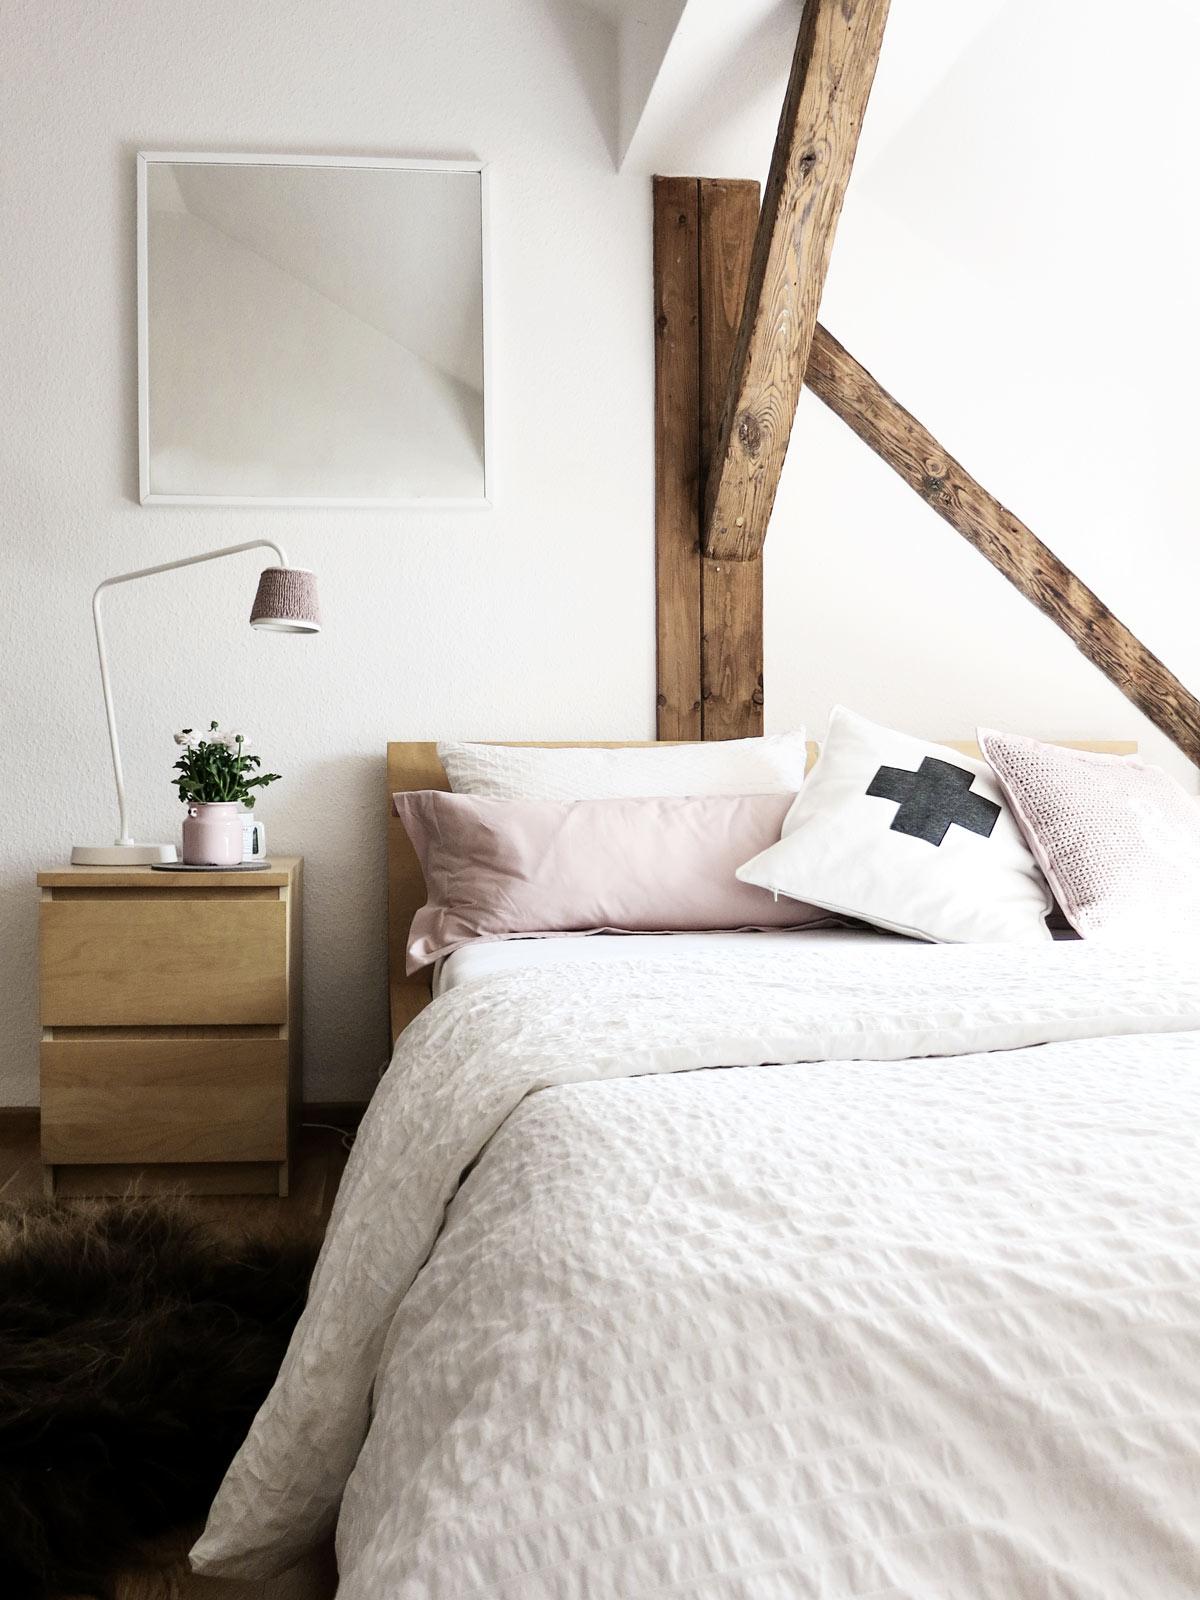 diy kissen selber h keln und kissenbez ge mit hotelverschluss n hen oder der rosa virus. Black Bedroom Furniture Sets. Home Design Ideas